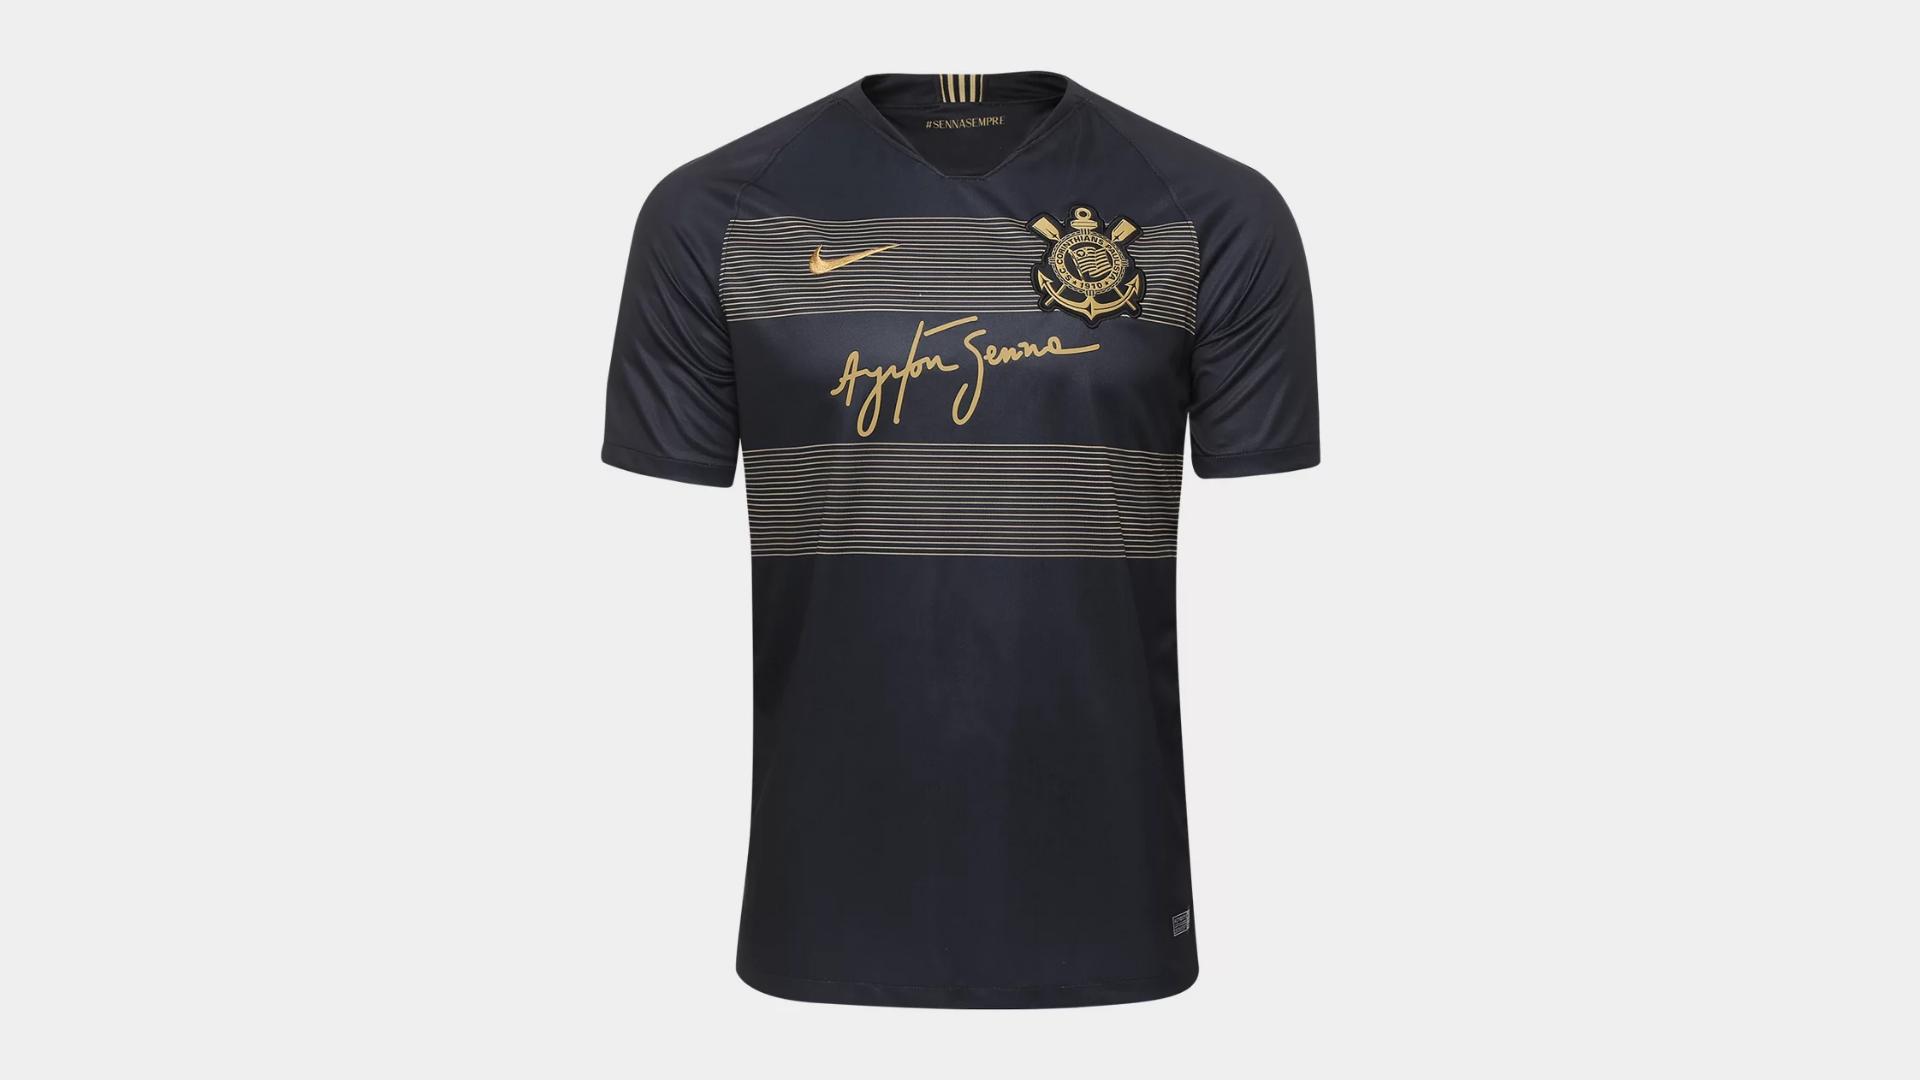 Camisa do Corinthians 2018 Nike Jogo 3 (Imagem: Divulgação/Nike)